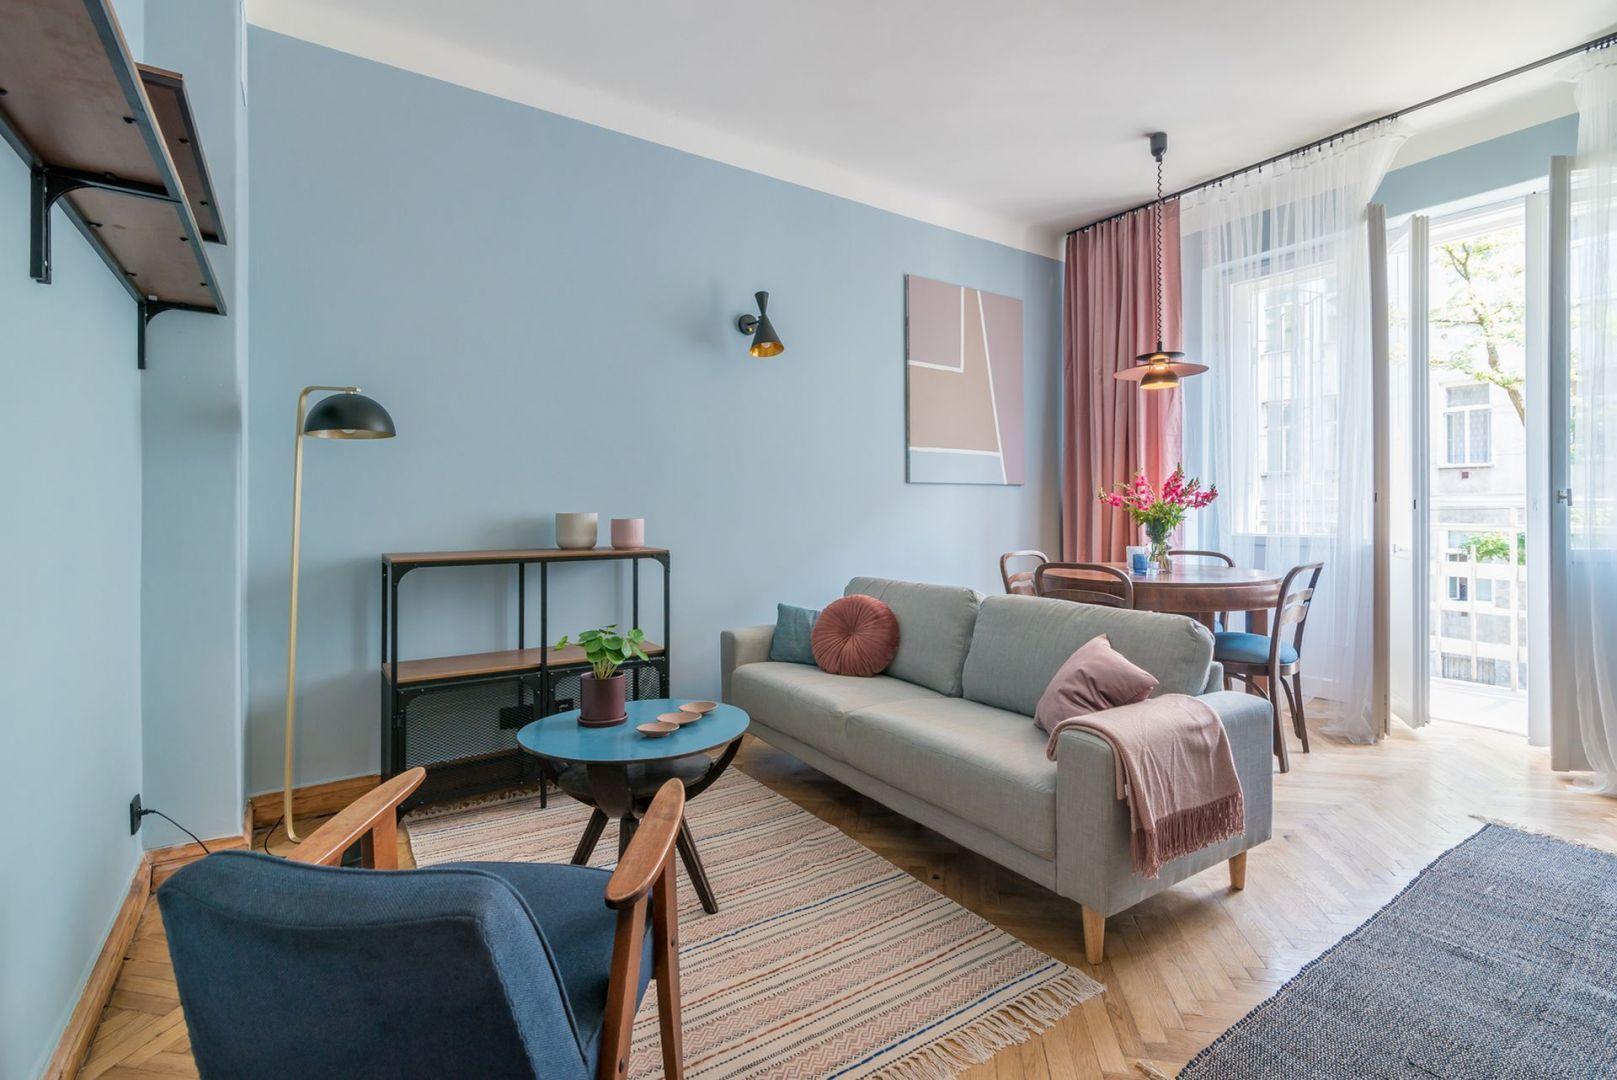 Ściany w salonie wykończone są kolorową farbą. Jest modnie i bardzo ciekawie. Projekt i stylizacja: Ola Dąbrówka, pracownia Good Vibes Interiors. Fot. Marcin Mularczyk